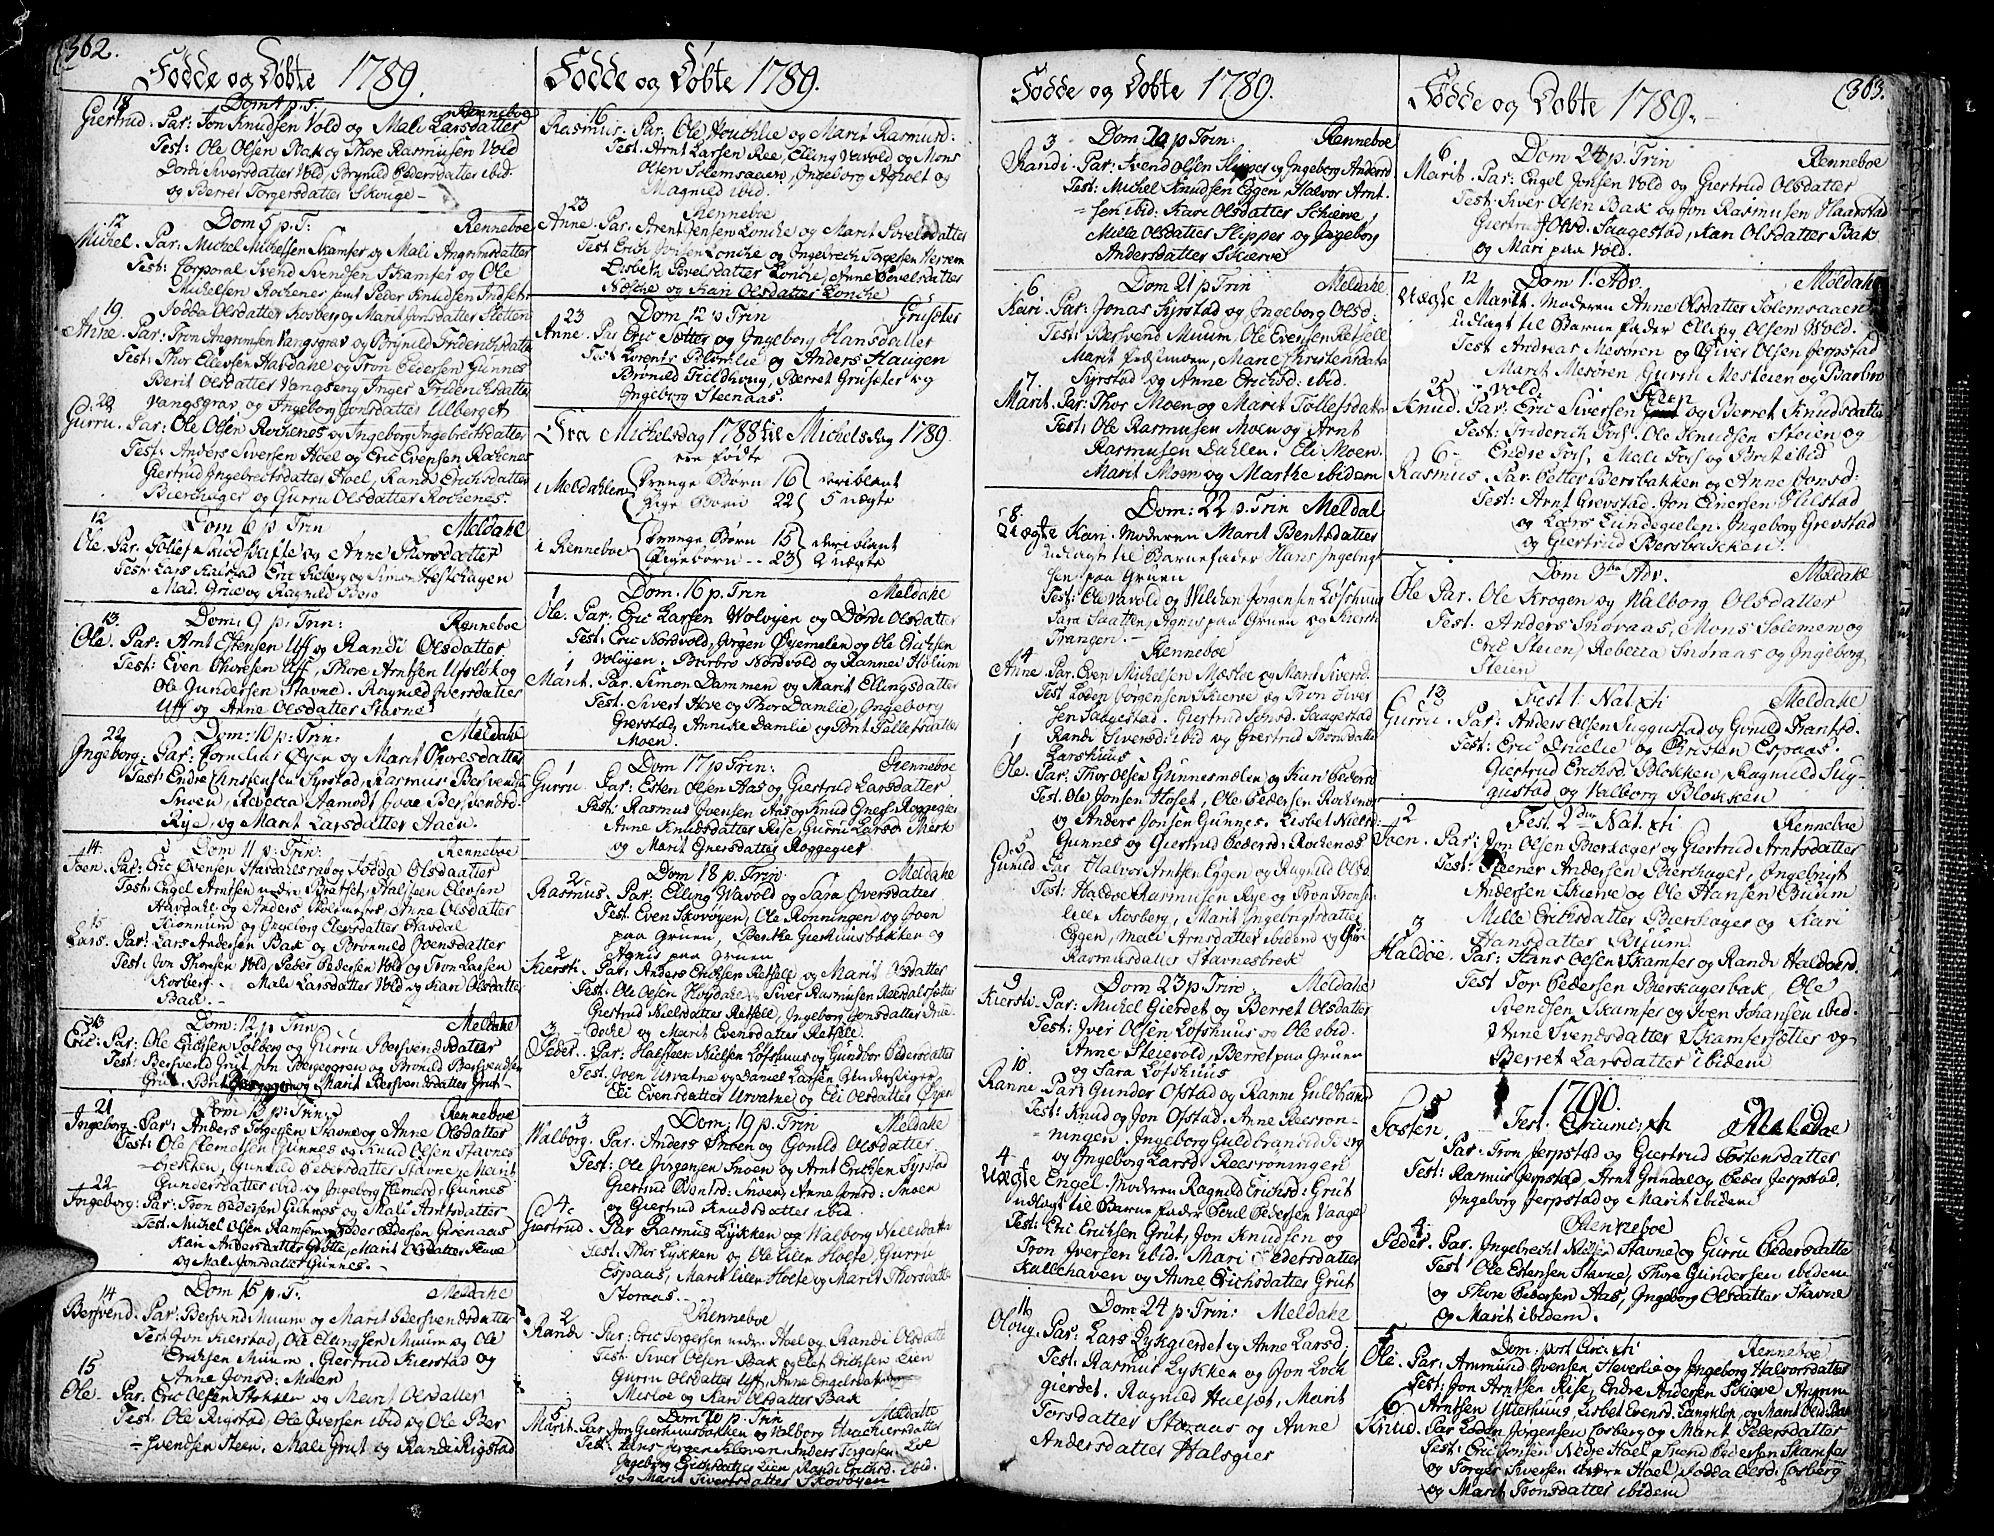 SAT, Ministerialprotokoller, klokkerbøker og fødselsregistre - Sør-Trøndelag, 672/L0852: Ministerialbok nr. 672A05, 1776-1815, s. 362-363